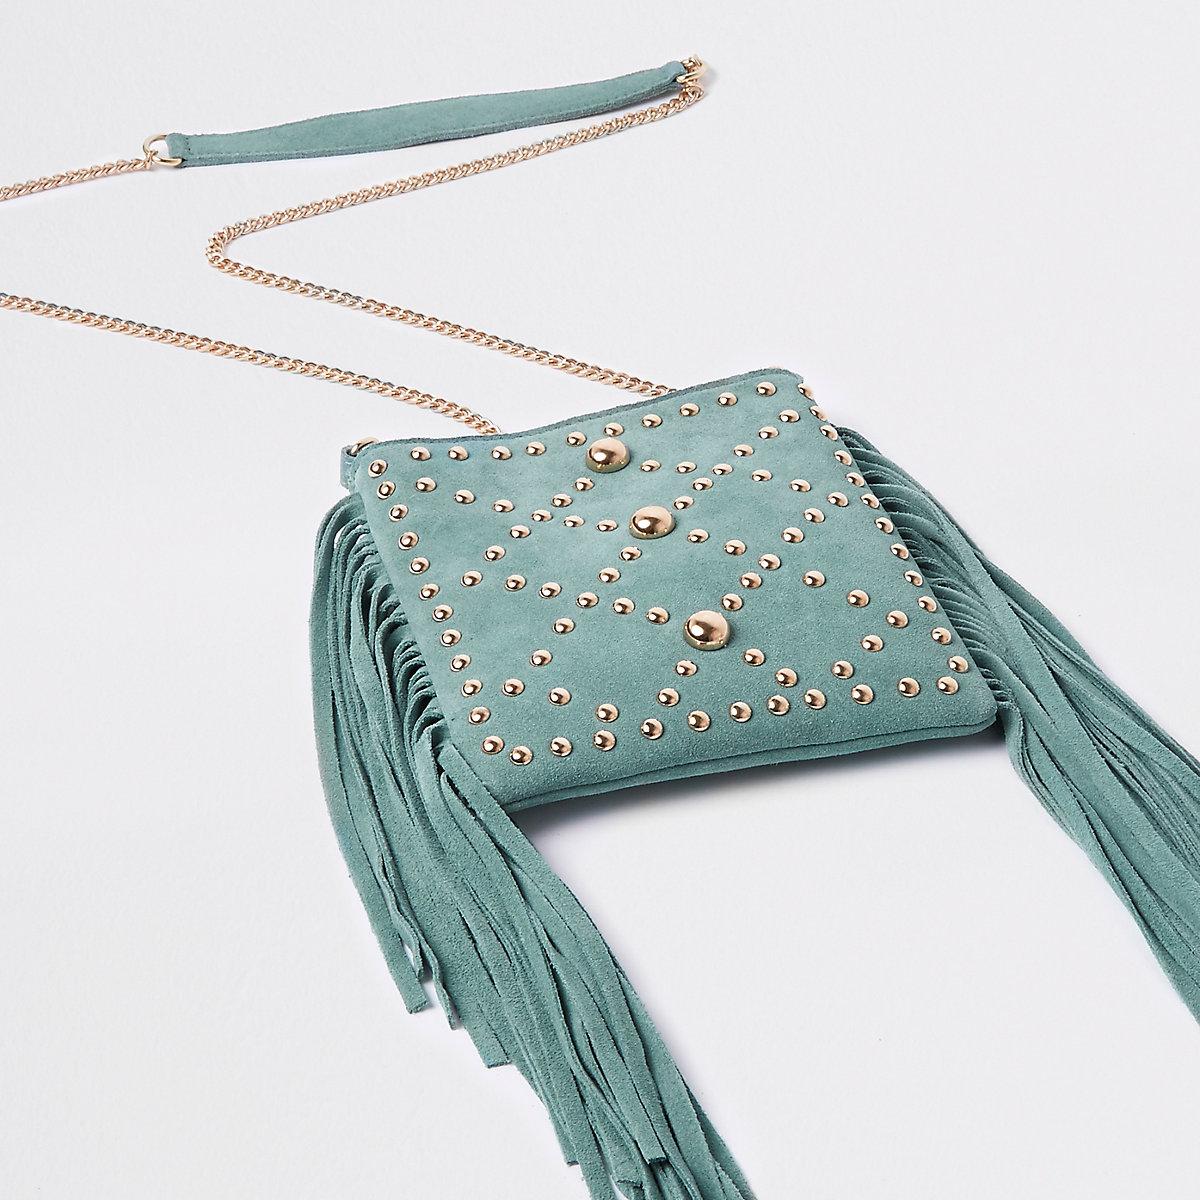 Light green leather tassel cross body bag